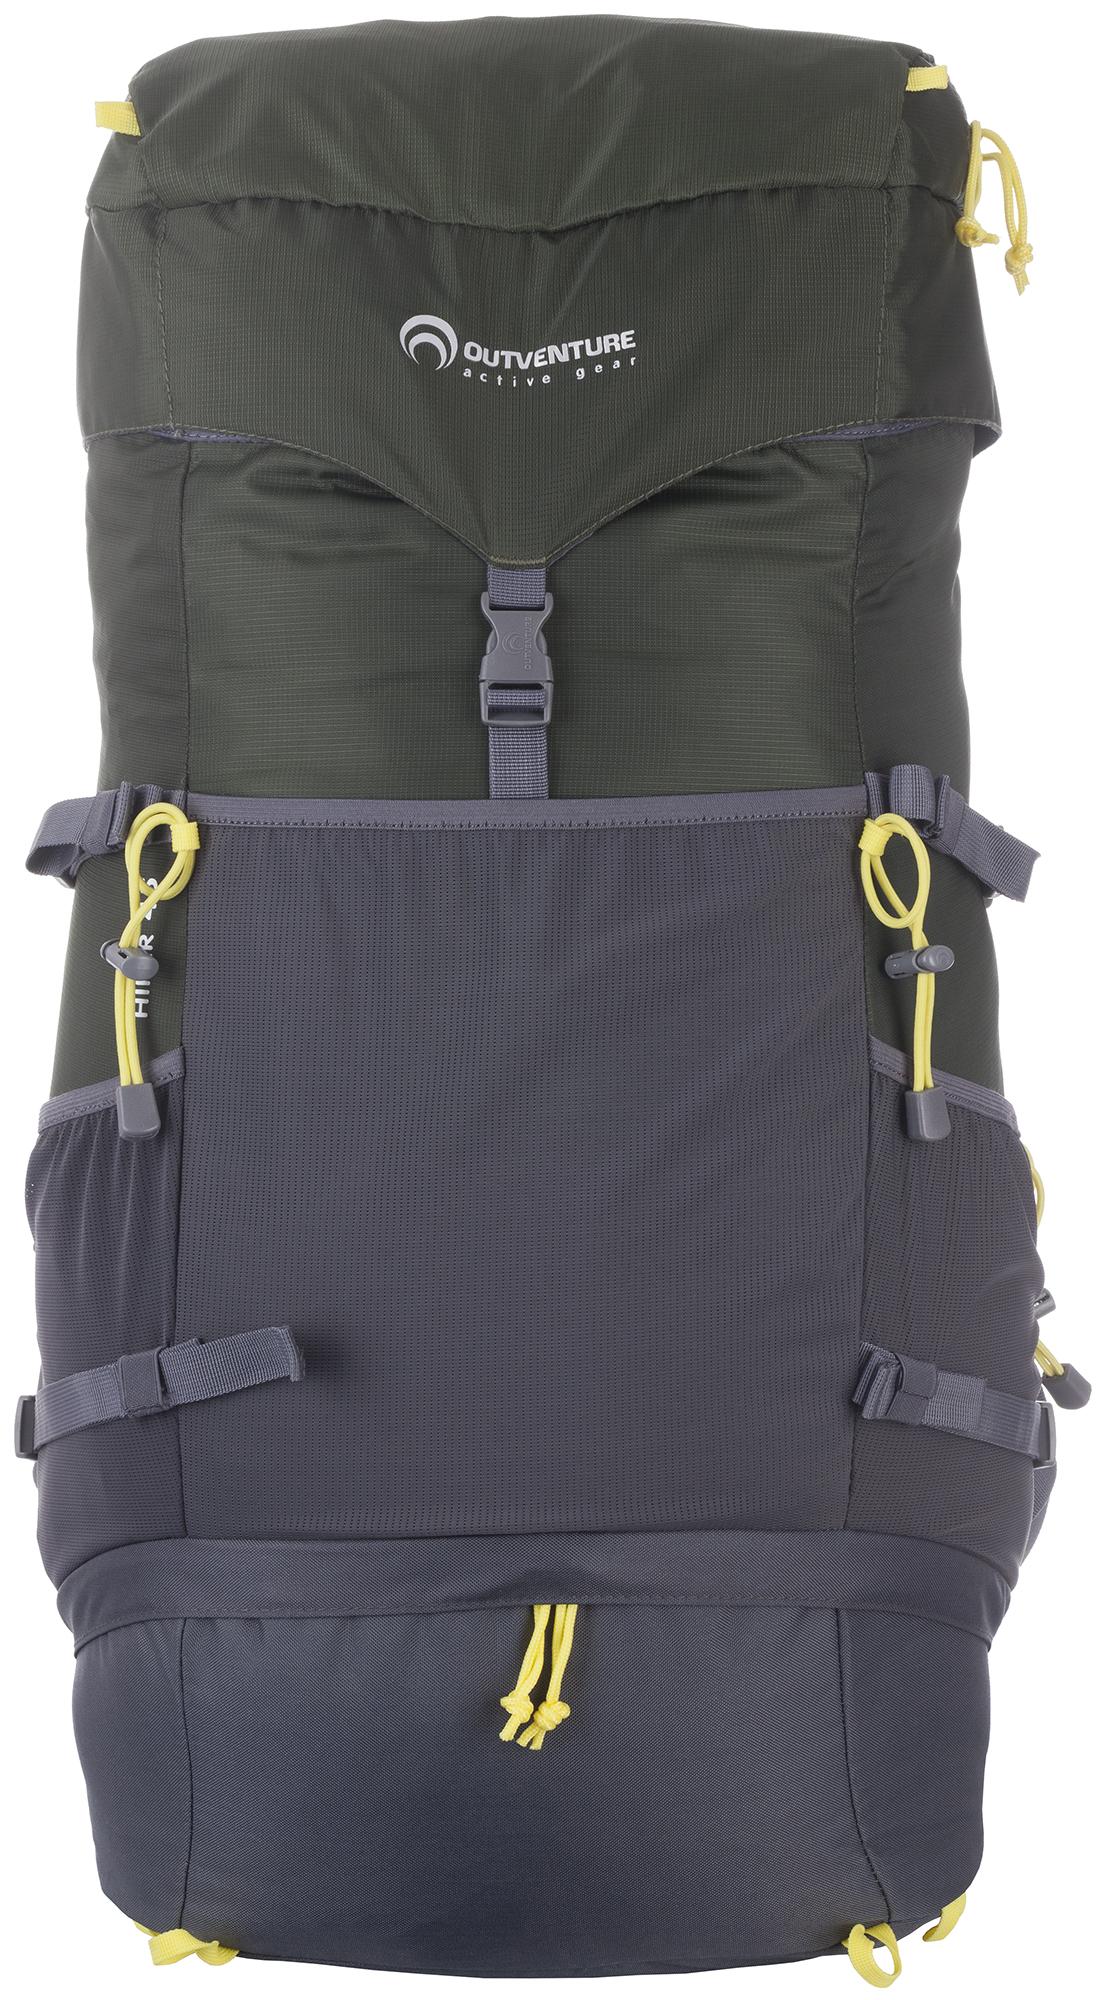 Outventure Outventure New Hiker 45, размер Без размера